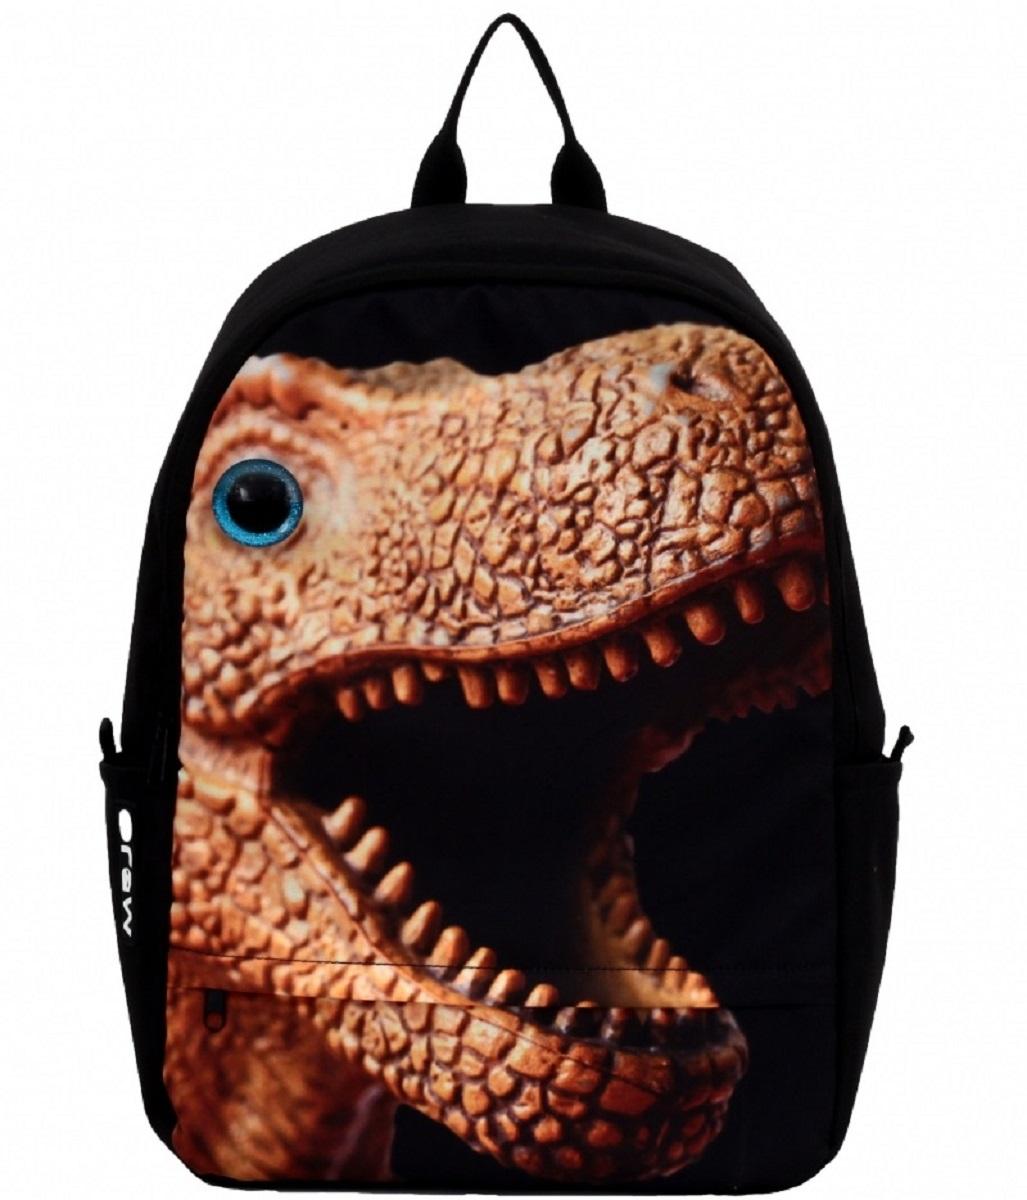 Рюкзак молодежный Mojo Dino with 3D eye, цвет: черный, 20 лKAA9984580Особенности рюкзака Mojo:Выполнен из высококачественного полиэстера и покрыт полиуретановым слоем, препятствующим выгоранию на солнце и проникновению внутрь воды.Вместительный отсек для вещей, а также отсек для планшета с плотной подкладкой.Переносить рюкзак удобно за прочную текстильную ручку.Уплотнены ремни, спинка и дно рюкзака.Мягкие регулируемые наплечные лямки.Фирменная массивная молния Mojo.Светится в ультрафиолете.